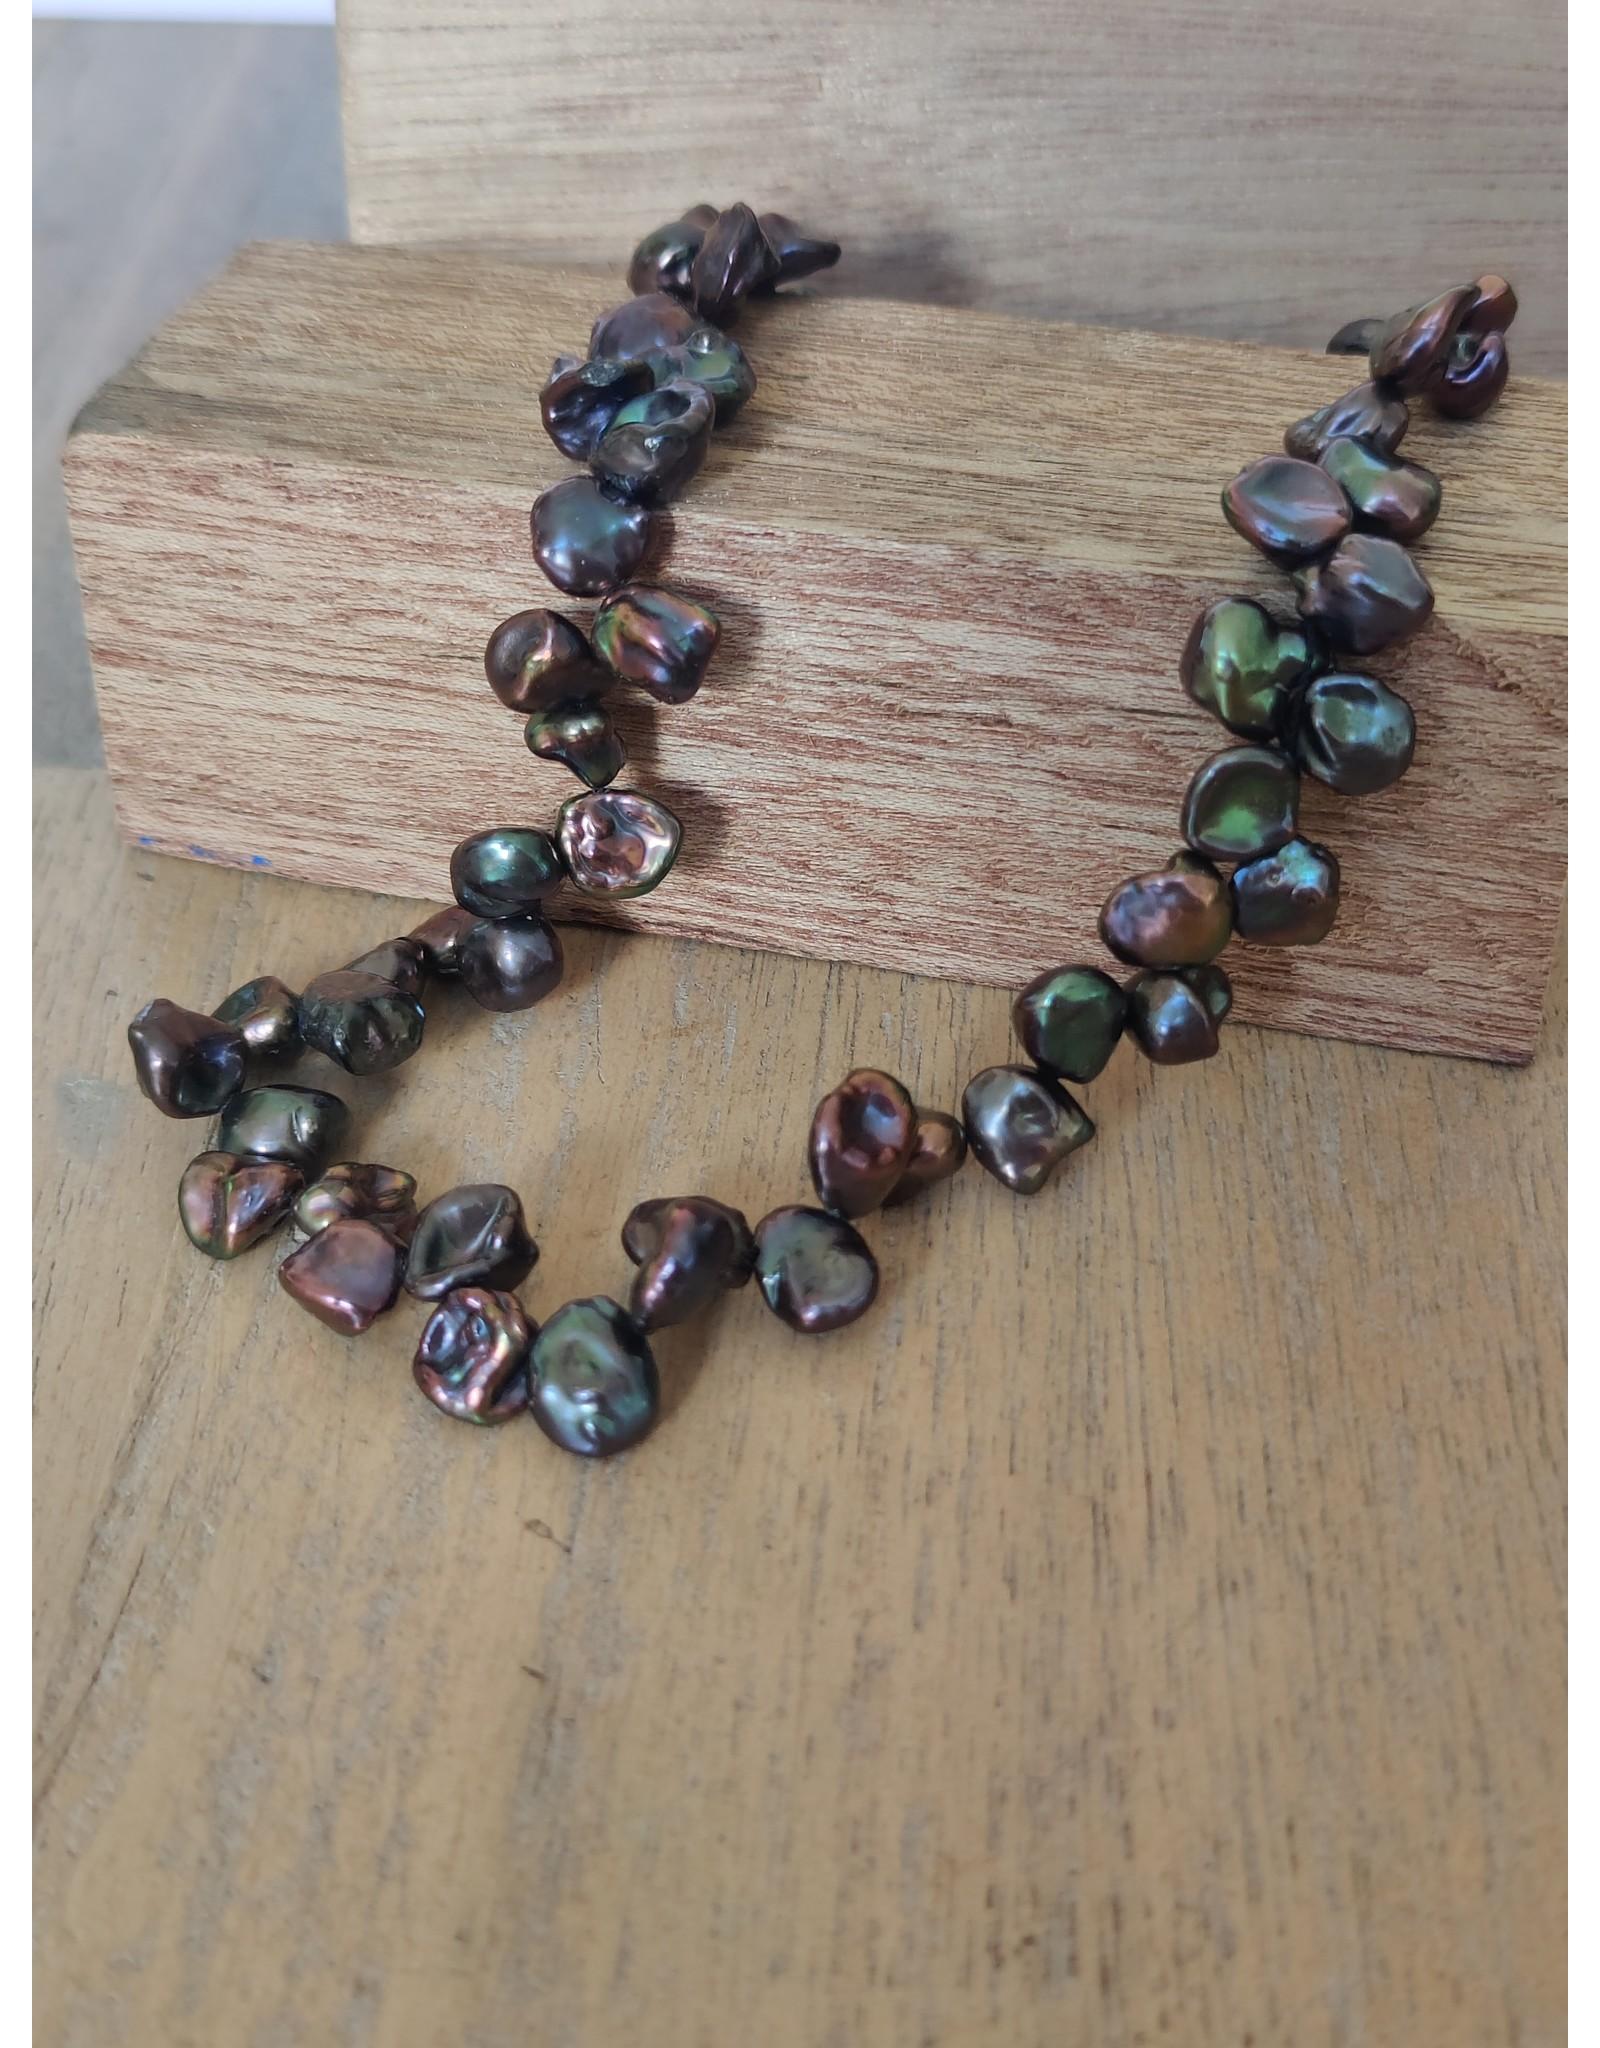 Handmade by Hanneke Weigel Pearl necklace Keshi pearls peacock